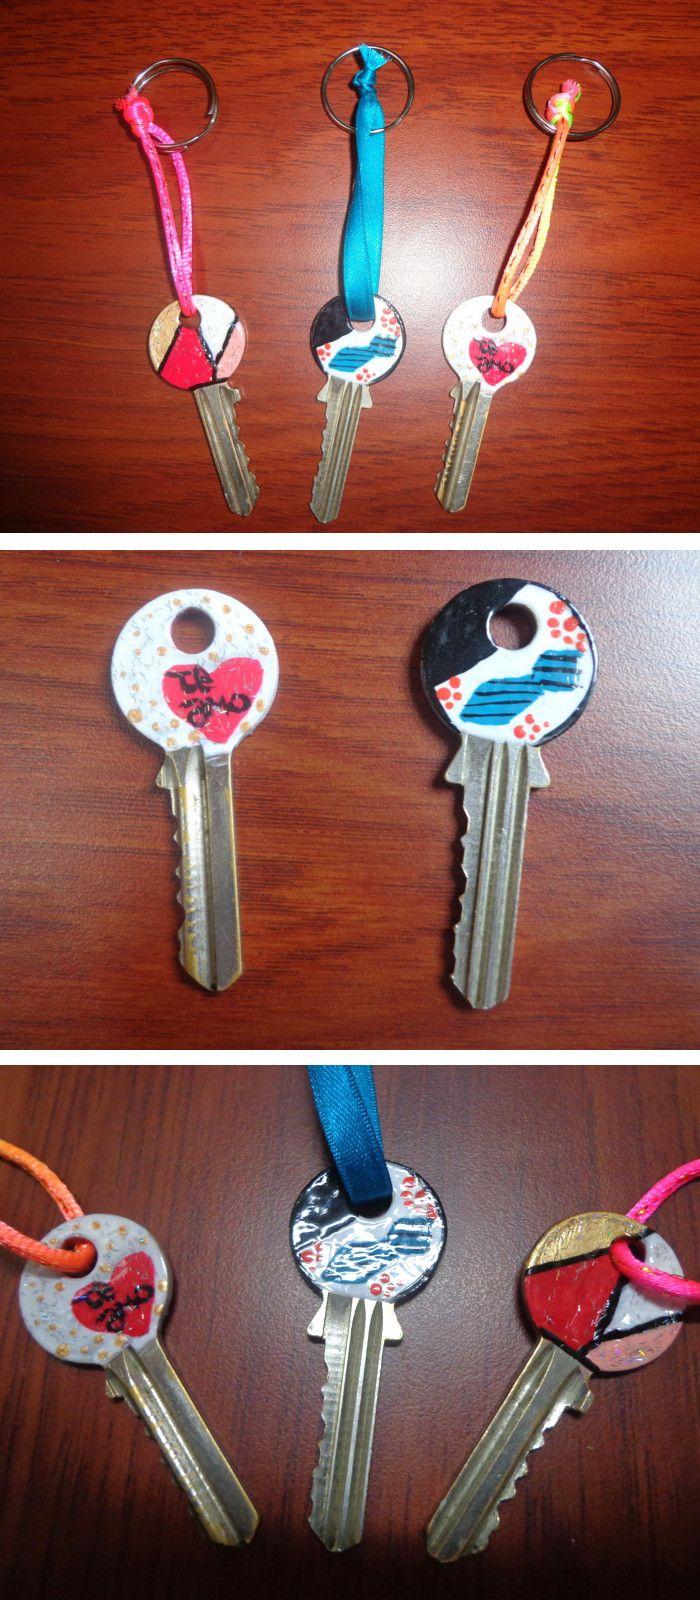 Te enseño a decorar y personalizar tus llaves, con esta idea no te confundirás de llaves cuando tengas que salir corriendo de casa.